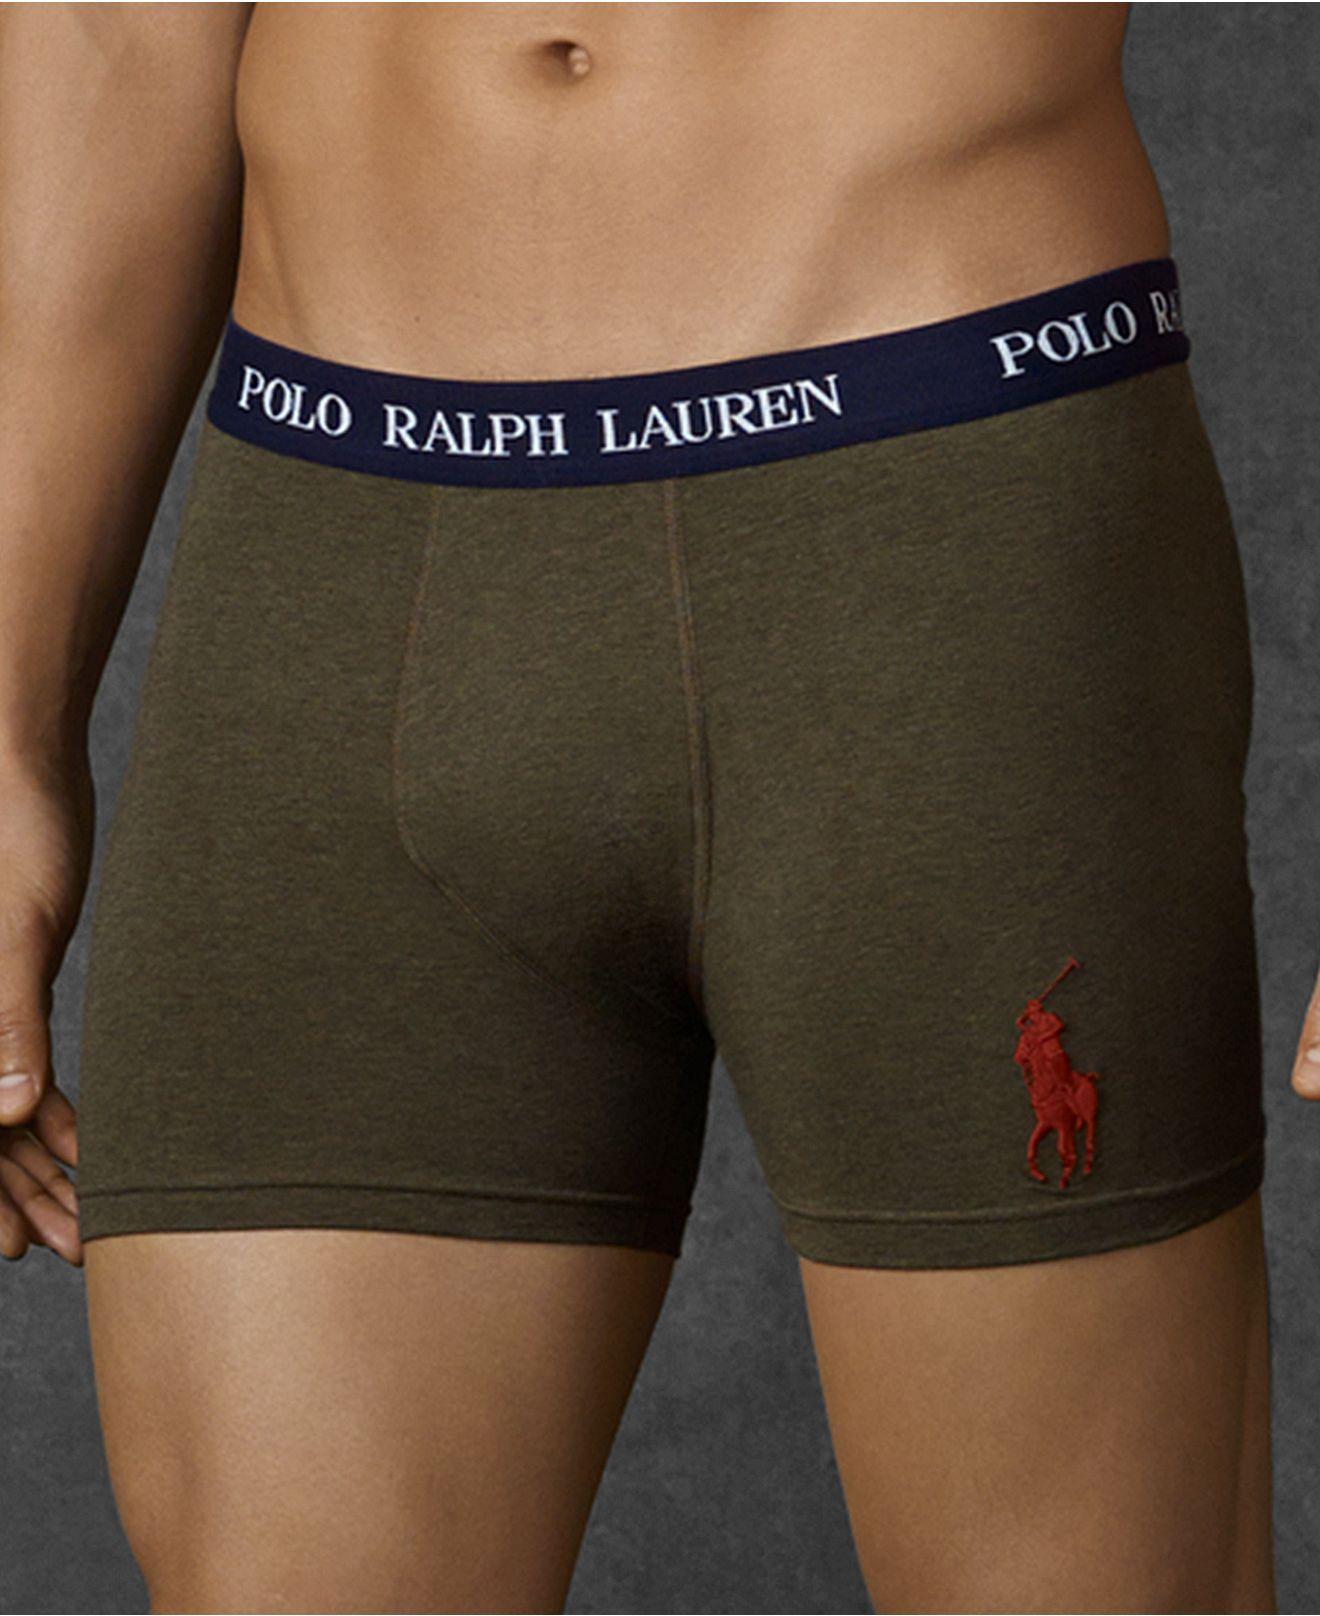 Polo Ralph Lauren Men's Underwear, Solid Stretch Cotton Jersey Boxer Brief  - Underwear & Undershirts - Men - Macy's